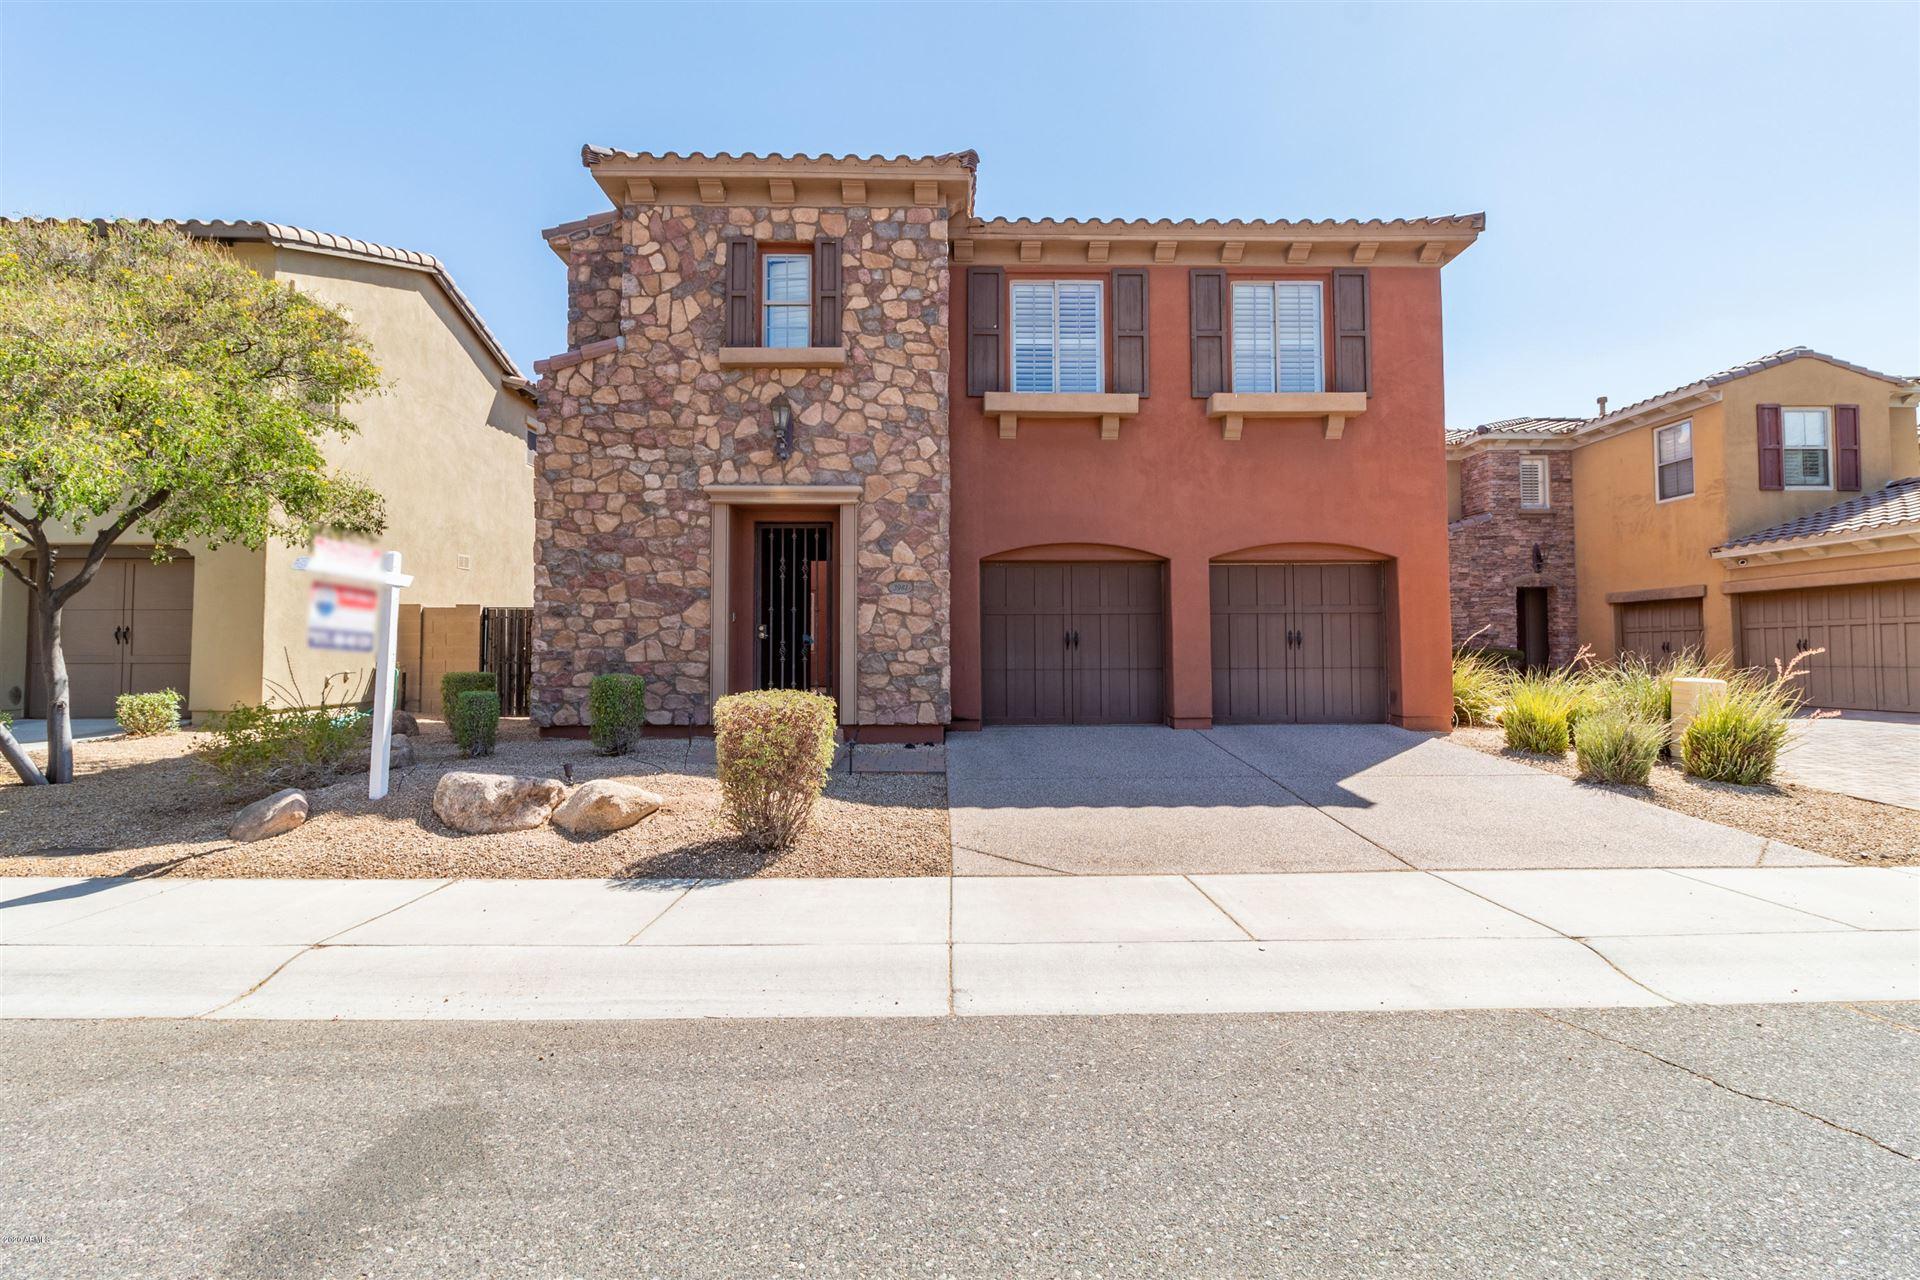 3981 E SANDPIPER Drive, Phoenix, AZ 85050 - MLS#: 6114341